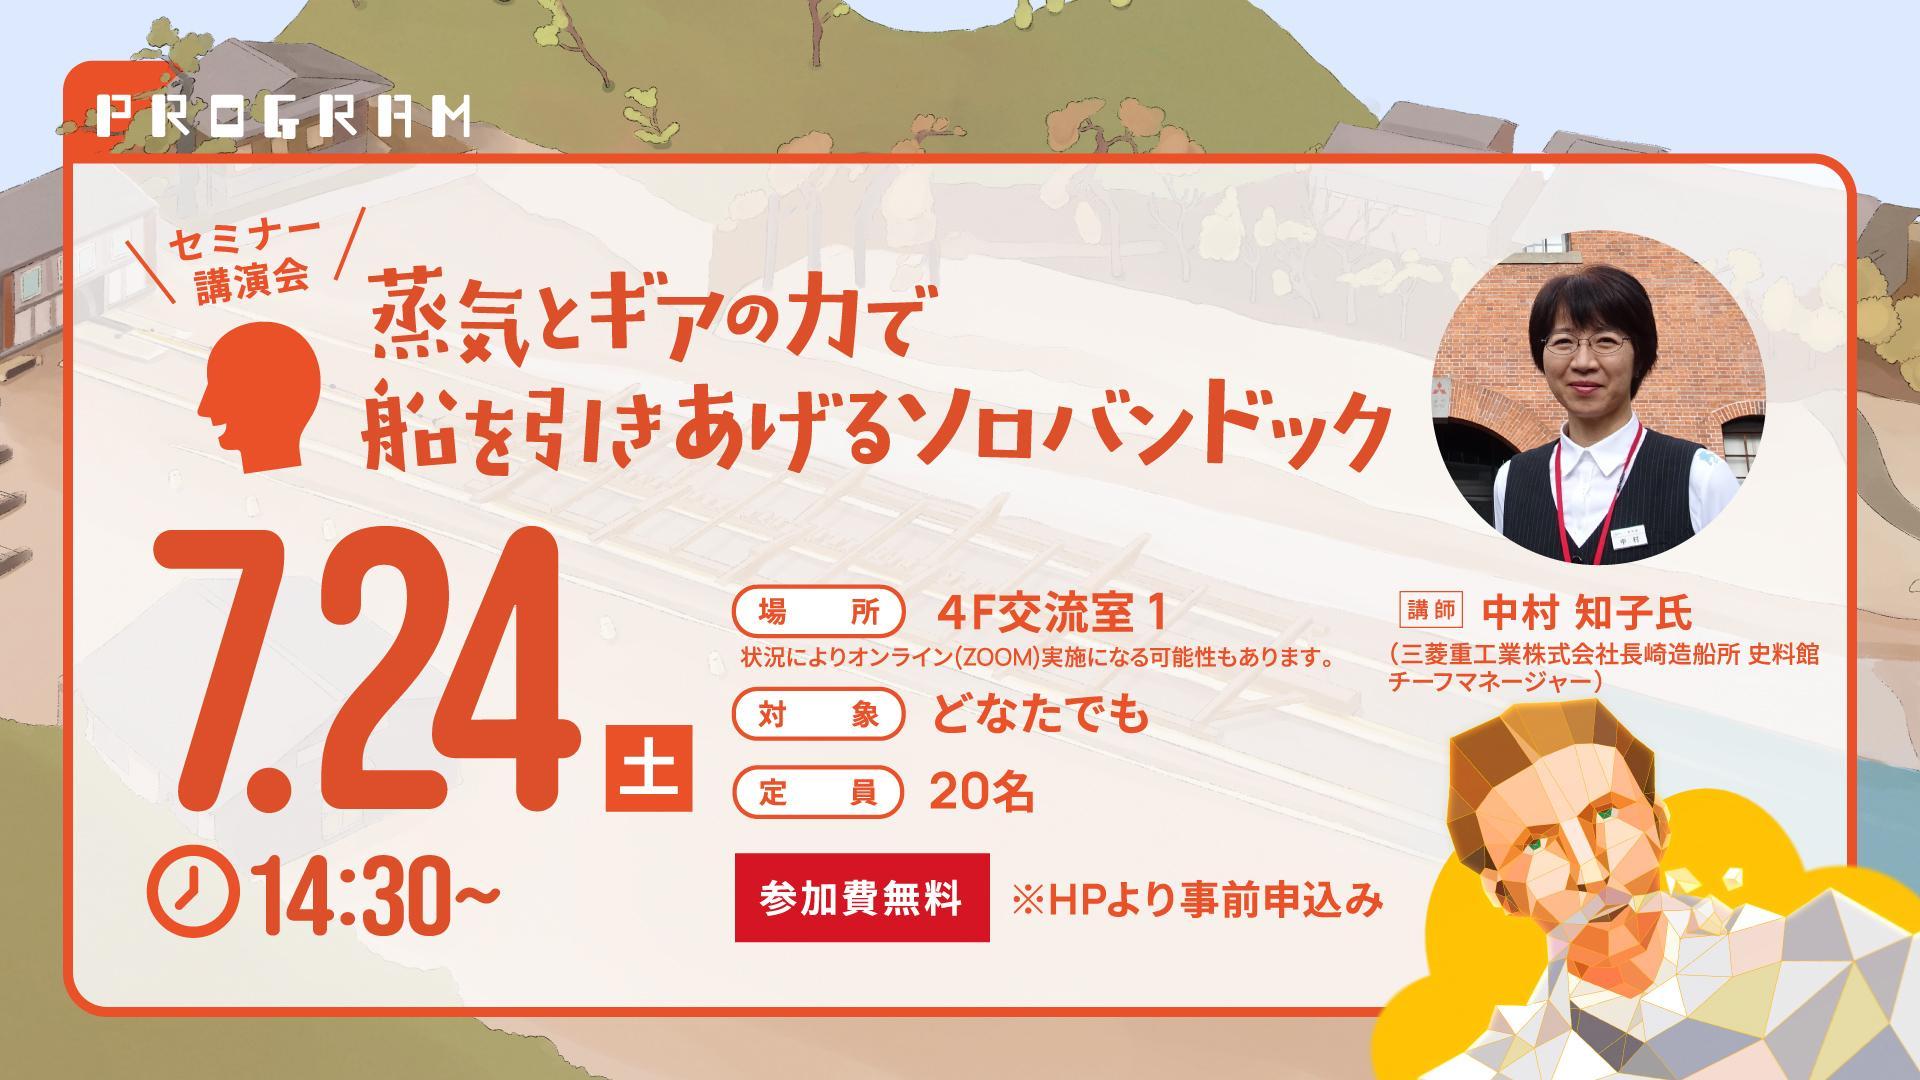 プログラムバナー_中村_210605_OL_アートボード_1.jpg